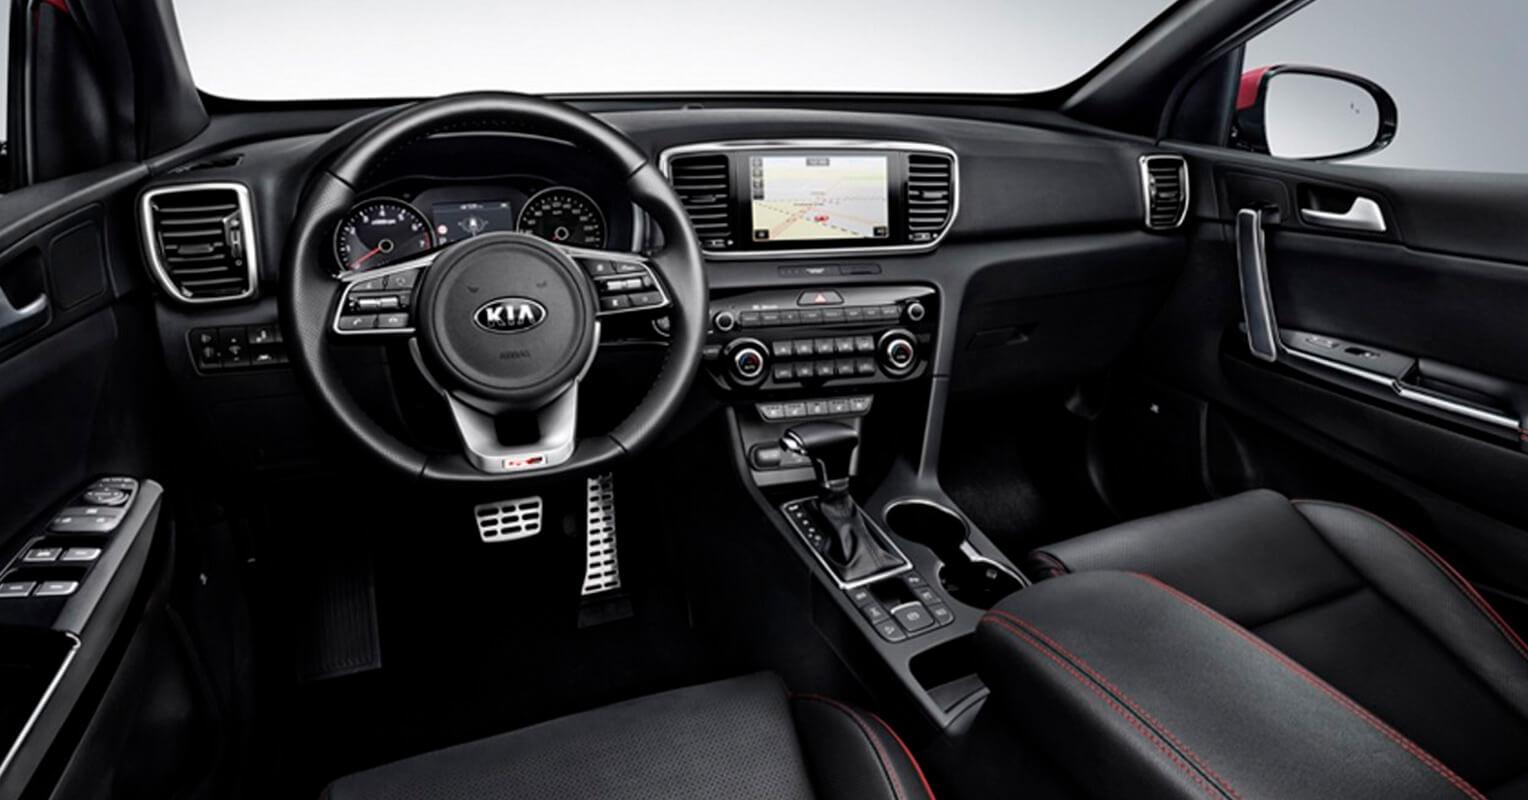 Kia sportage 2018 datos fecha de lanzamiento y precios for Interior kia sportage 2018